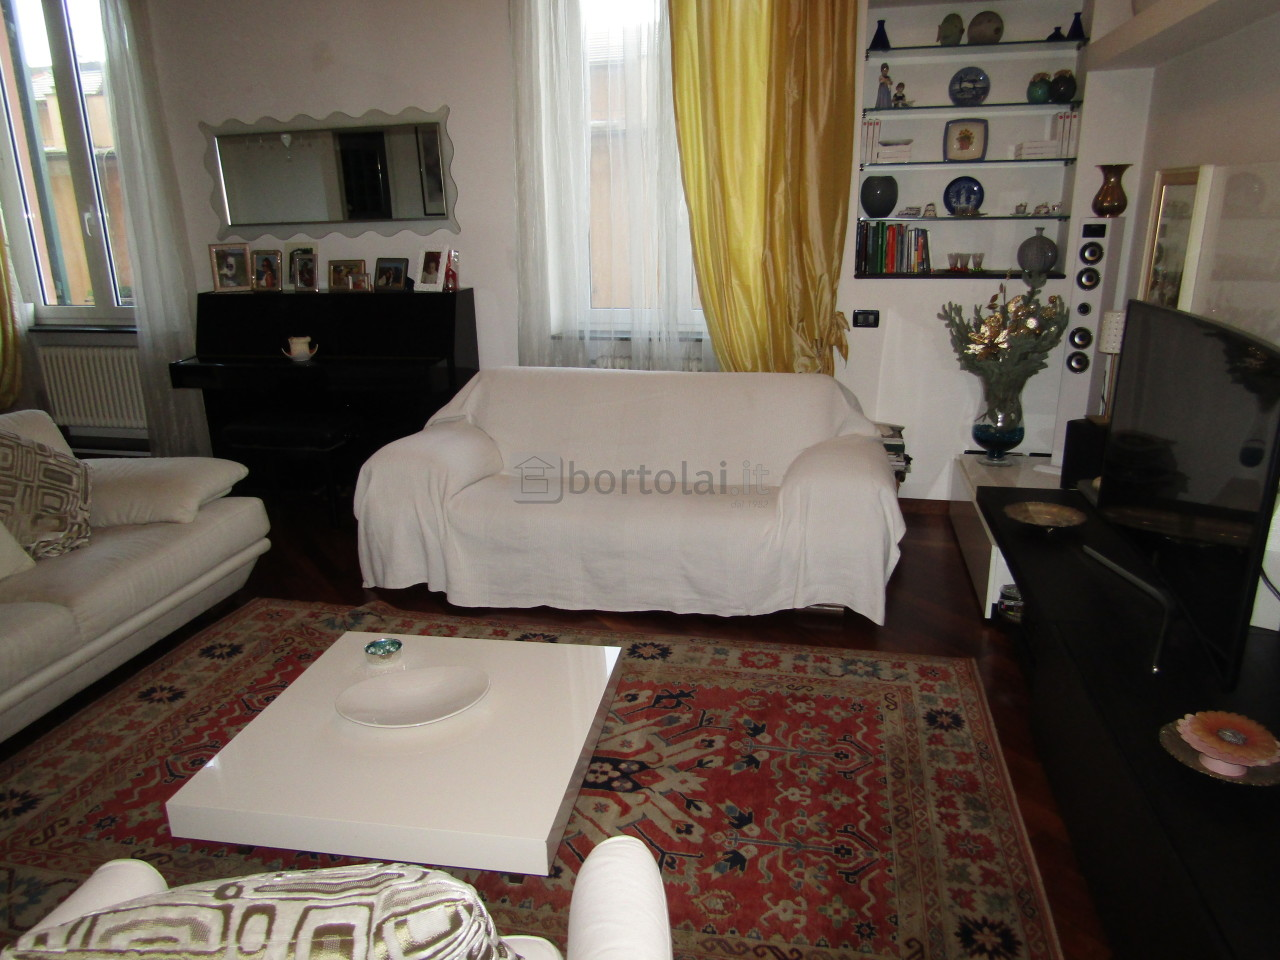 Appartamenti e Attici GENOVA vendita  Albaro  Immobiliare Bortolai.it Srl